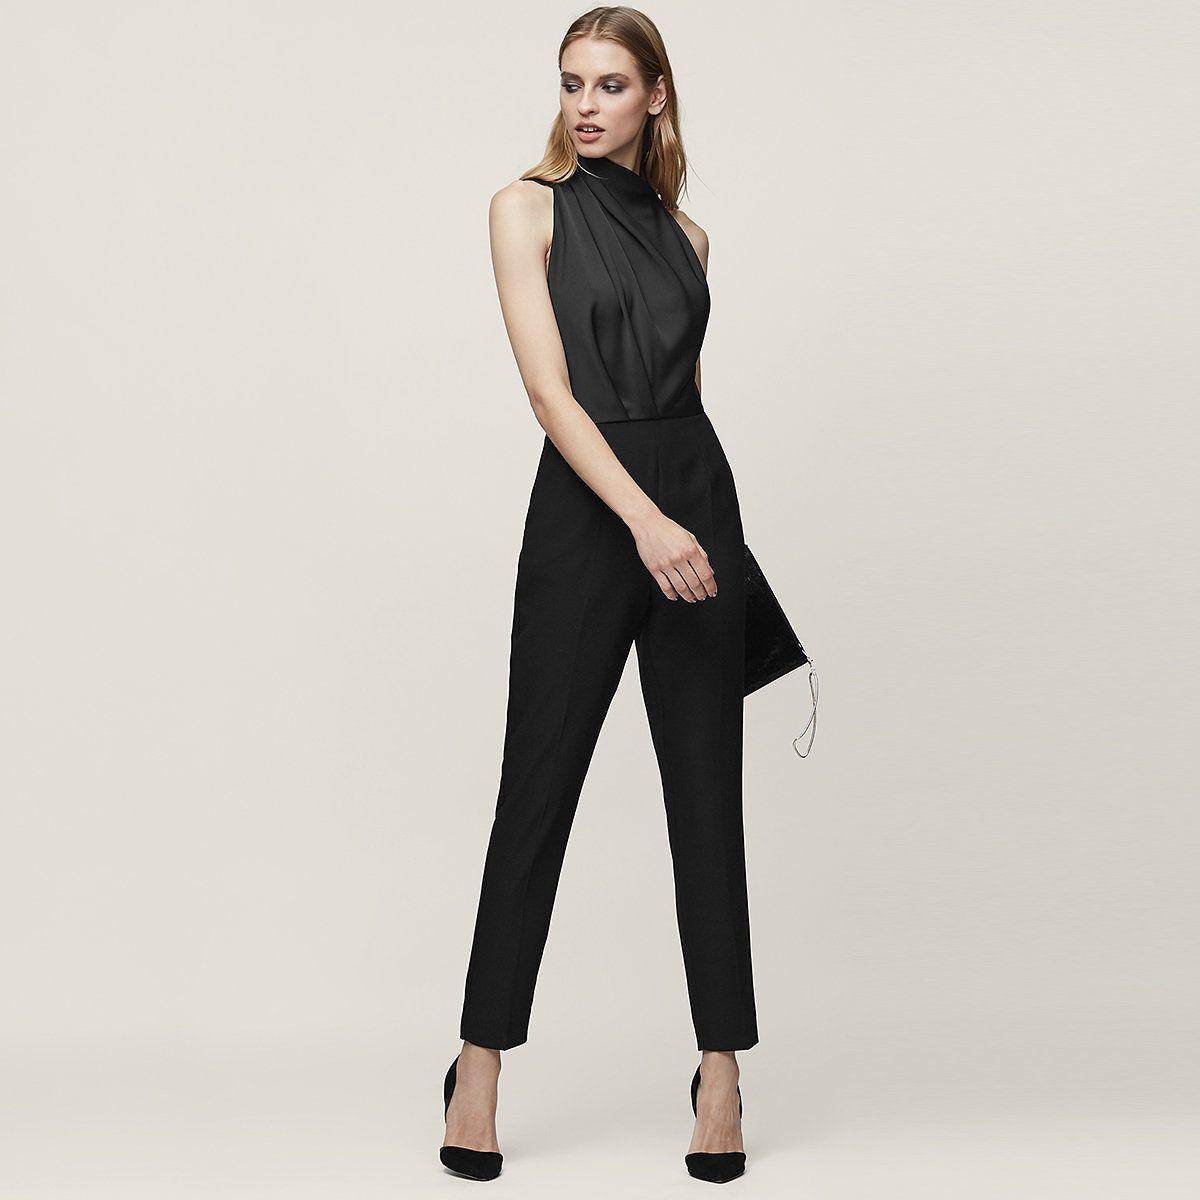 6d9d8cfc9d8d Kita Black Lace-Back Jumpsuit - REISS